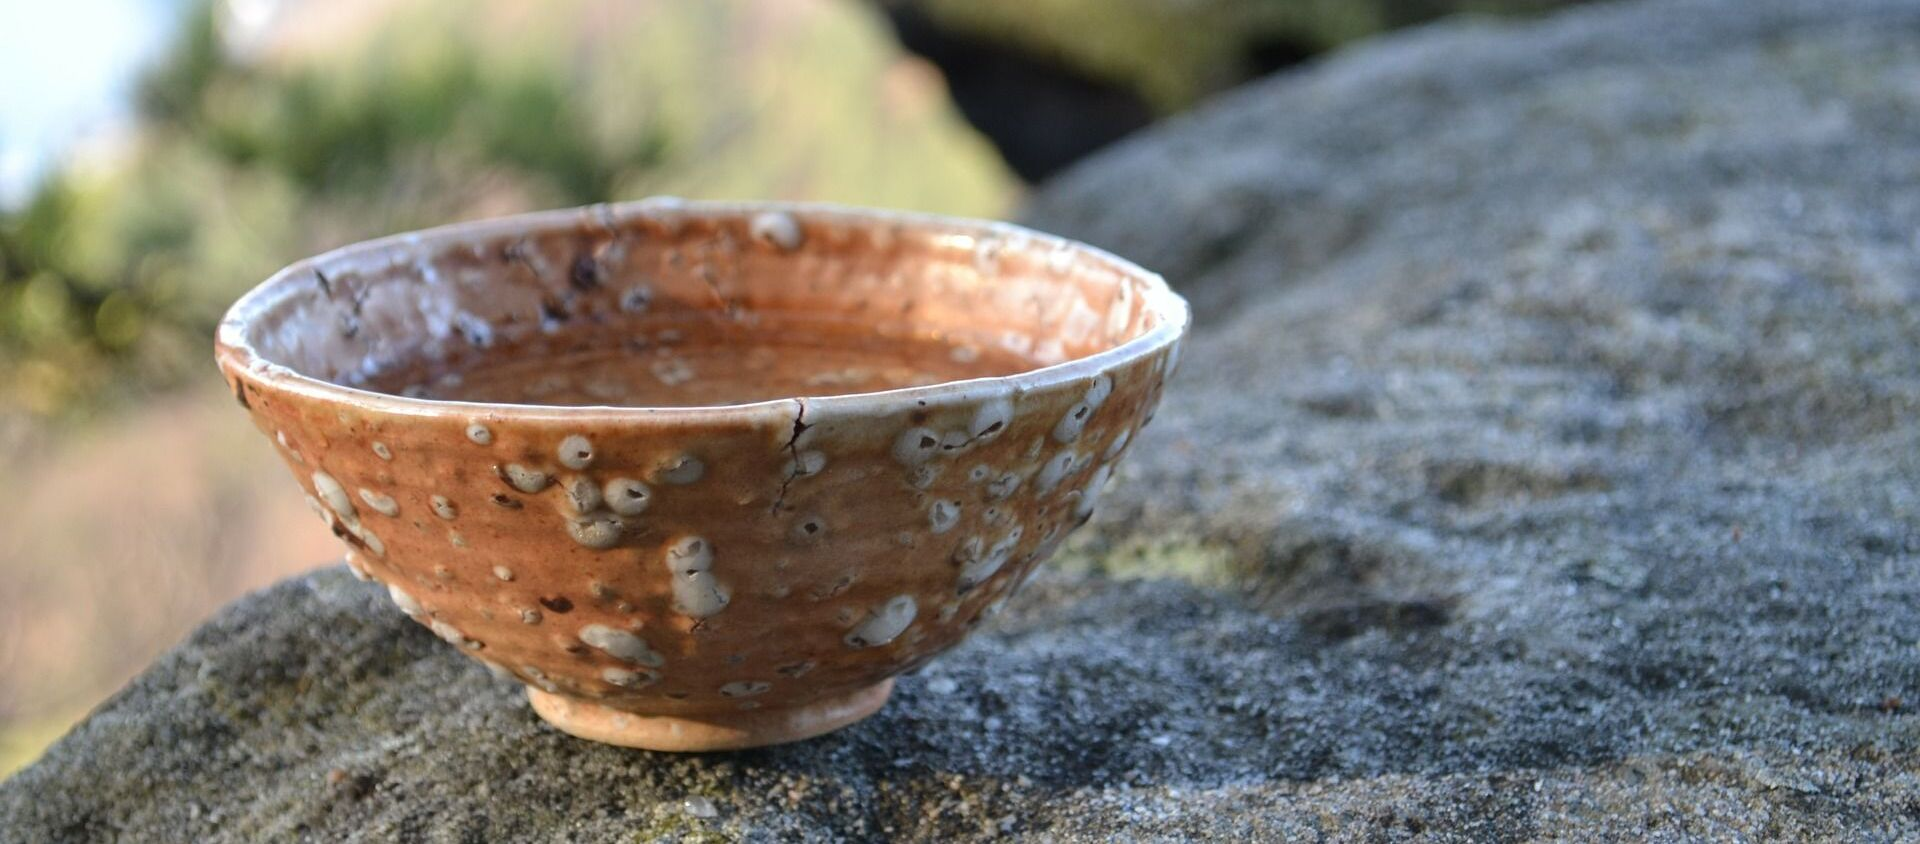 Una vasija cerámica - Sputnik Mundo, 1920, 20.08.2019